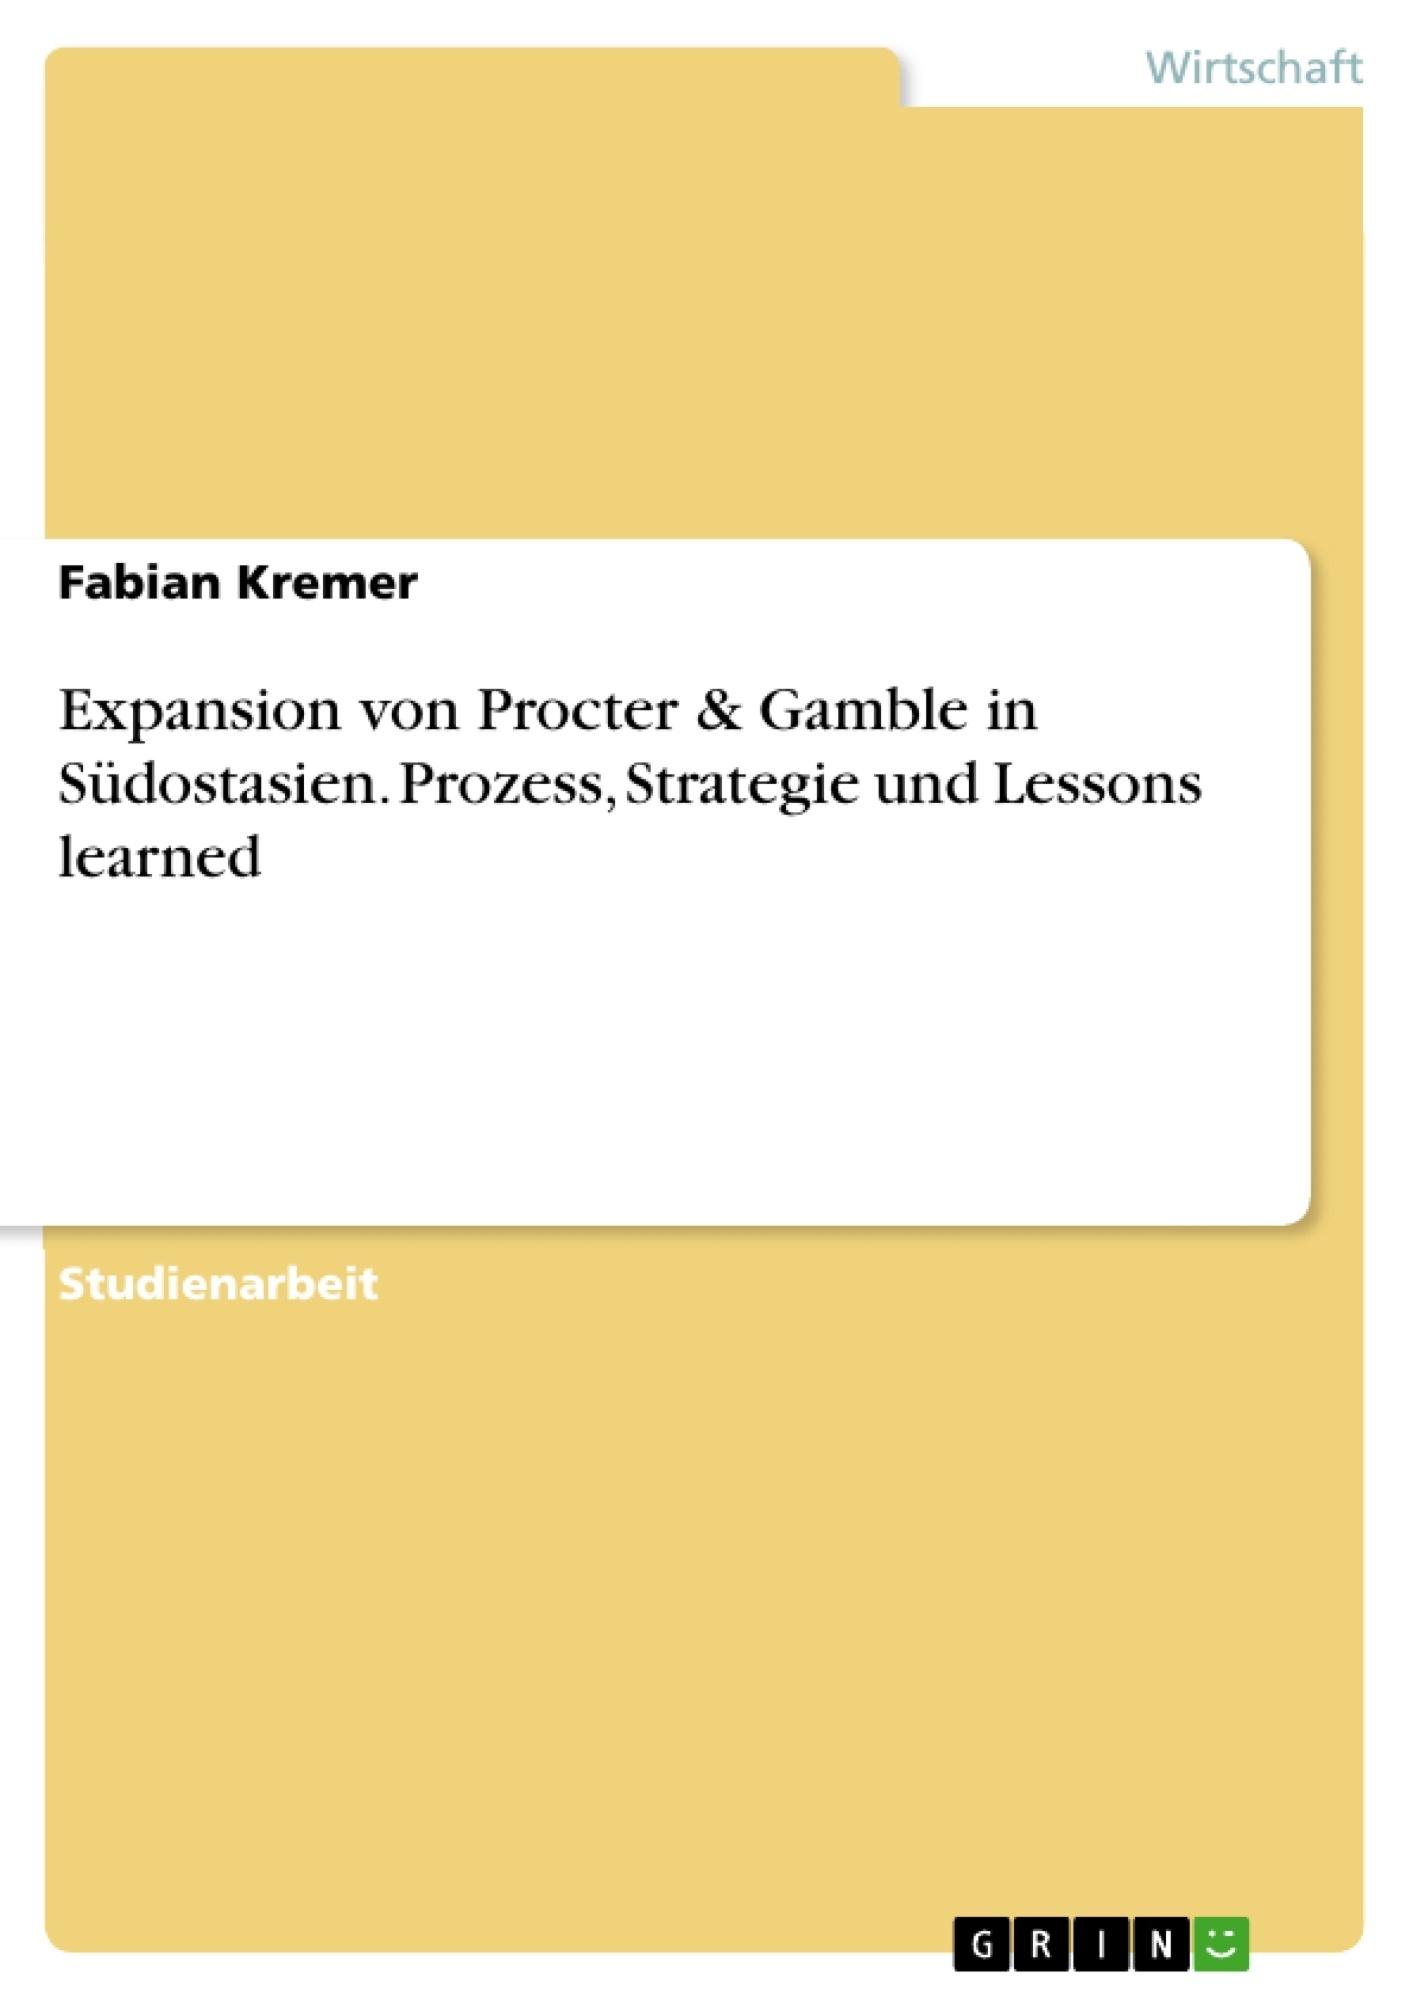 Titel: Expansion von Procter & Gamble in Südostasien. Prozess, Strategie und Lessons learned